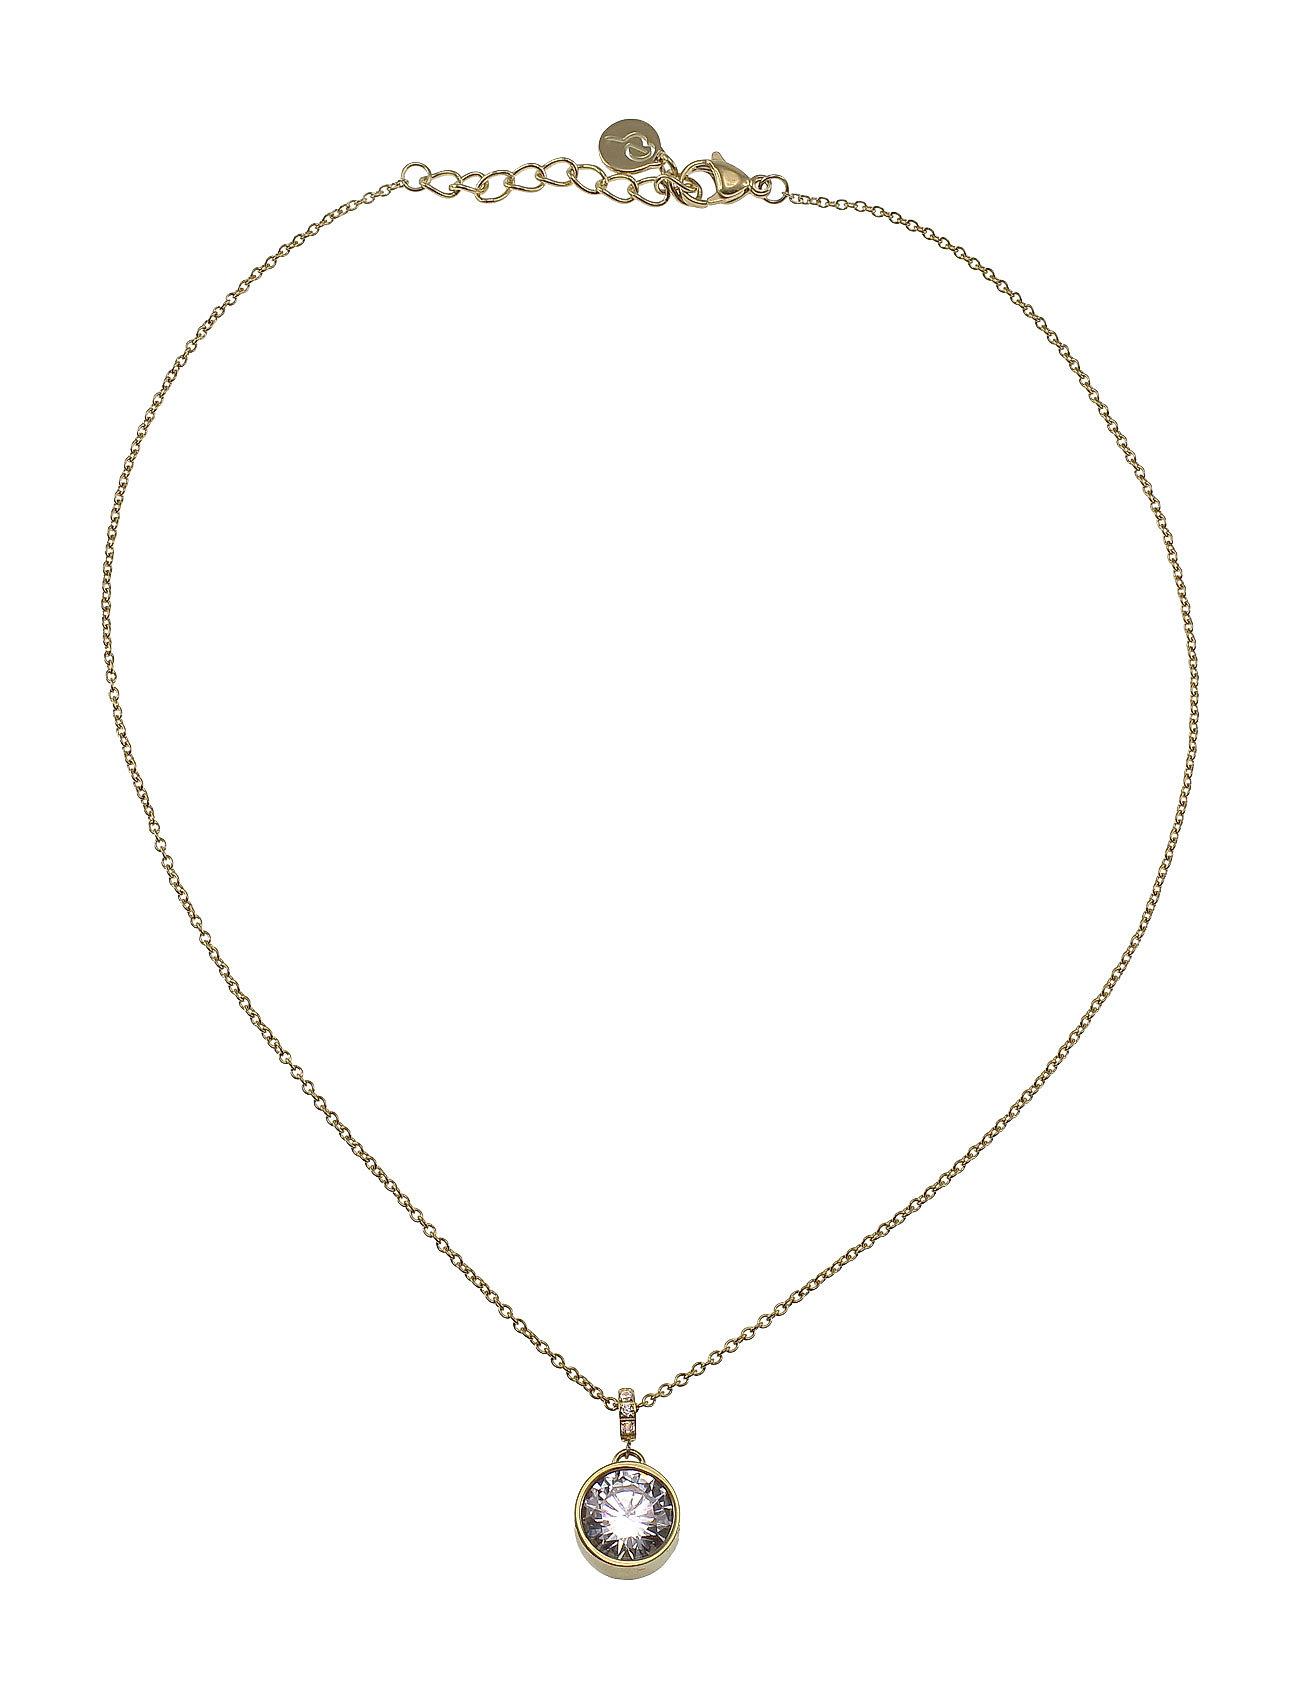 June necklace fra edblad på boozt.com dk